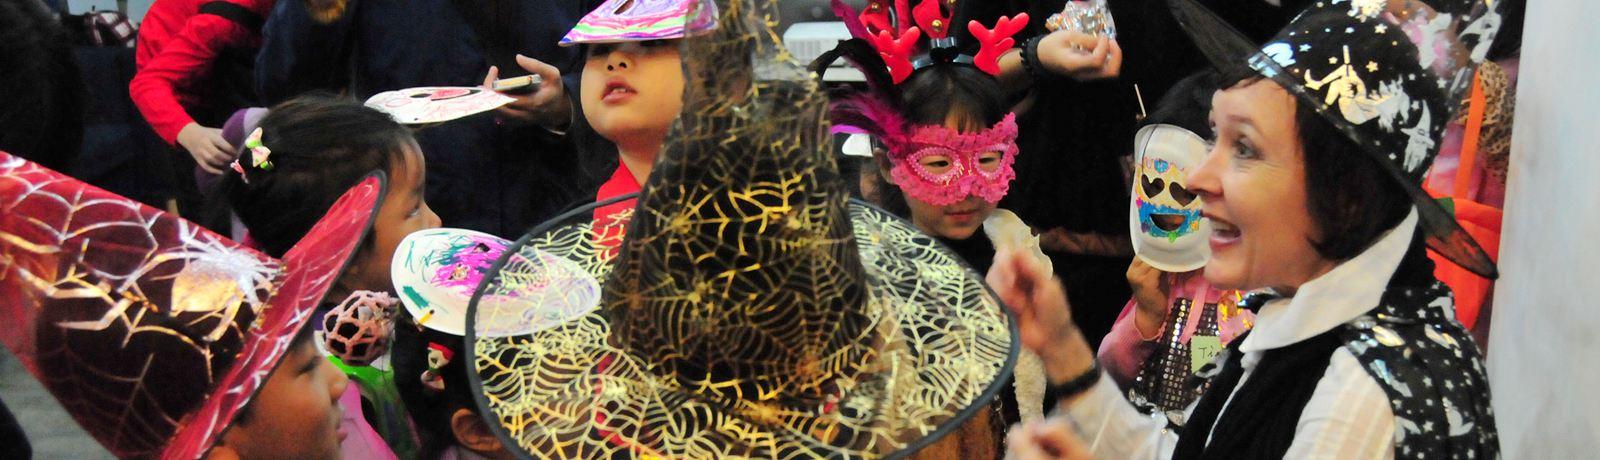 2012年万圣节